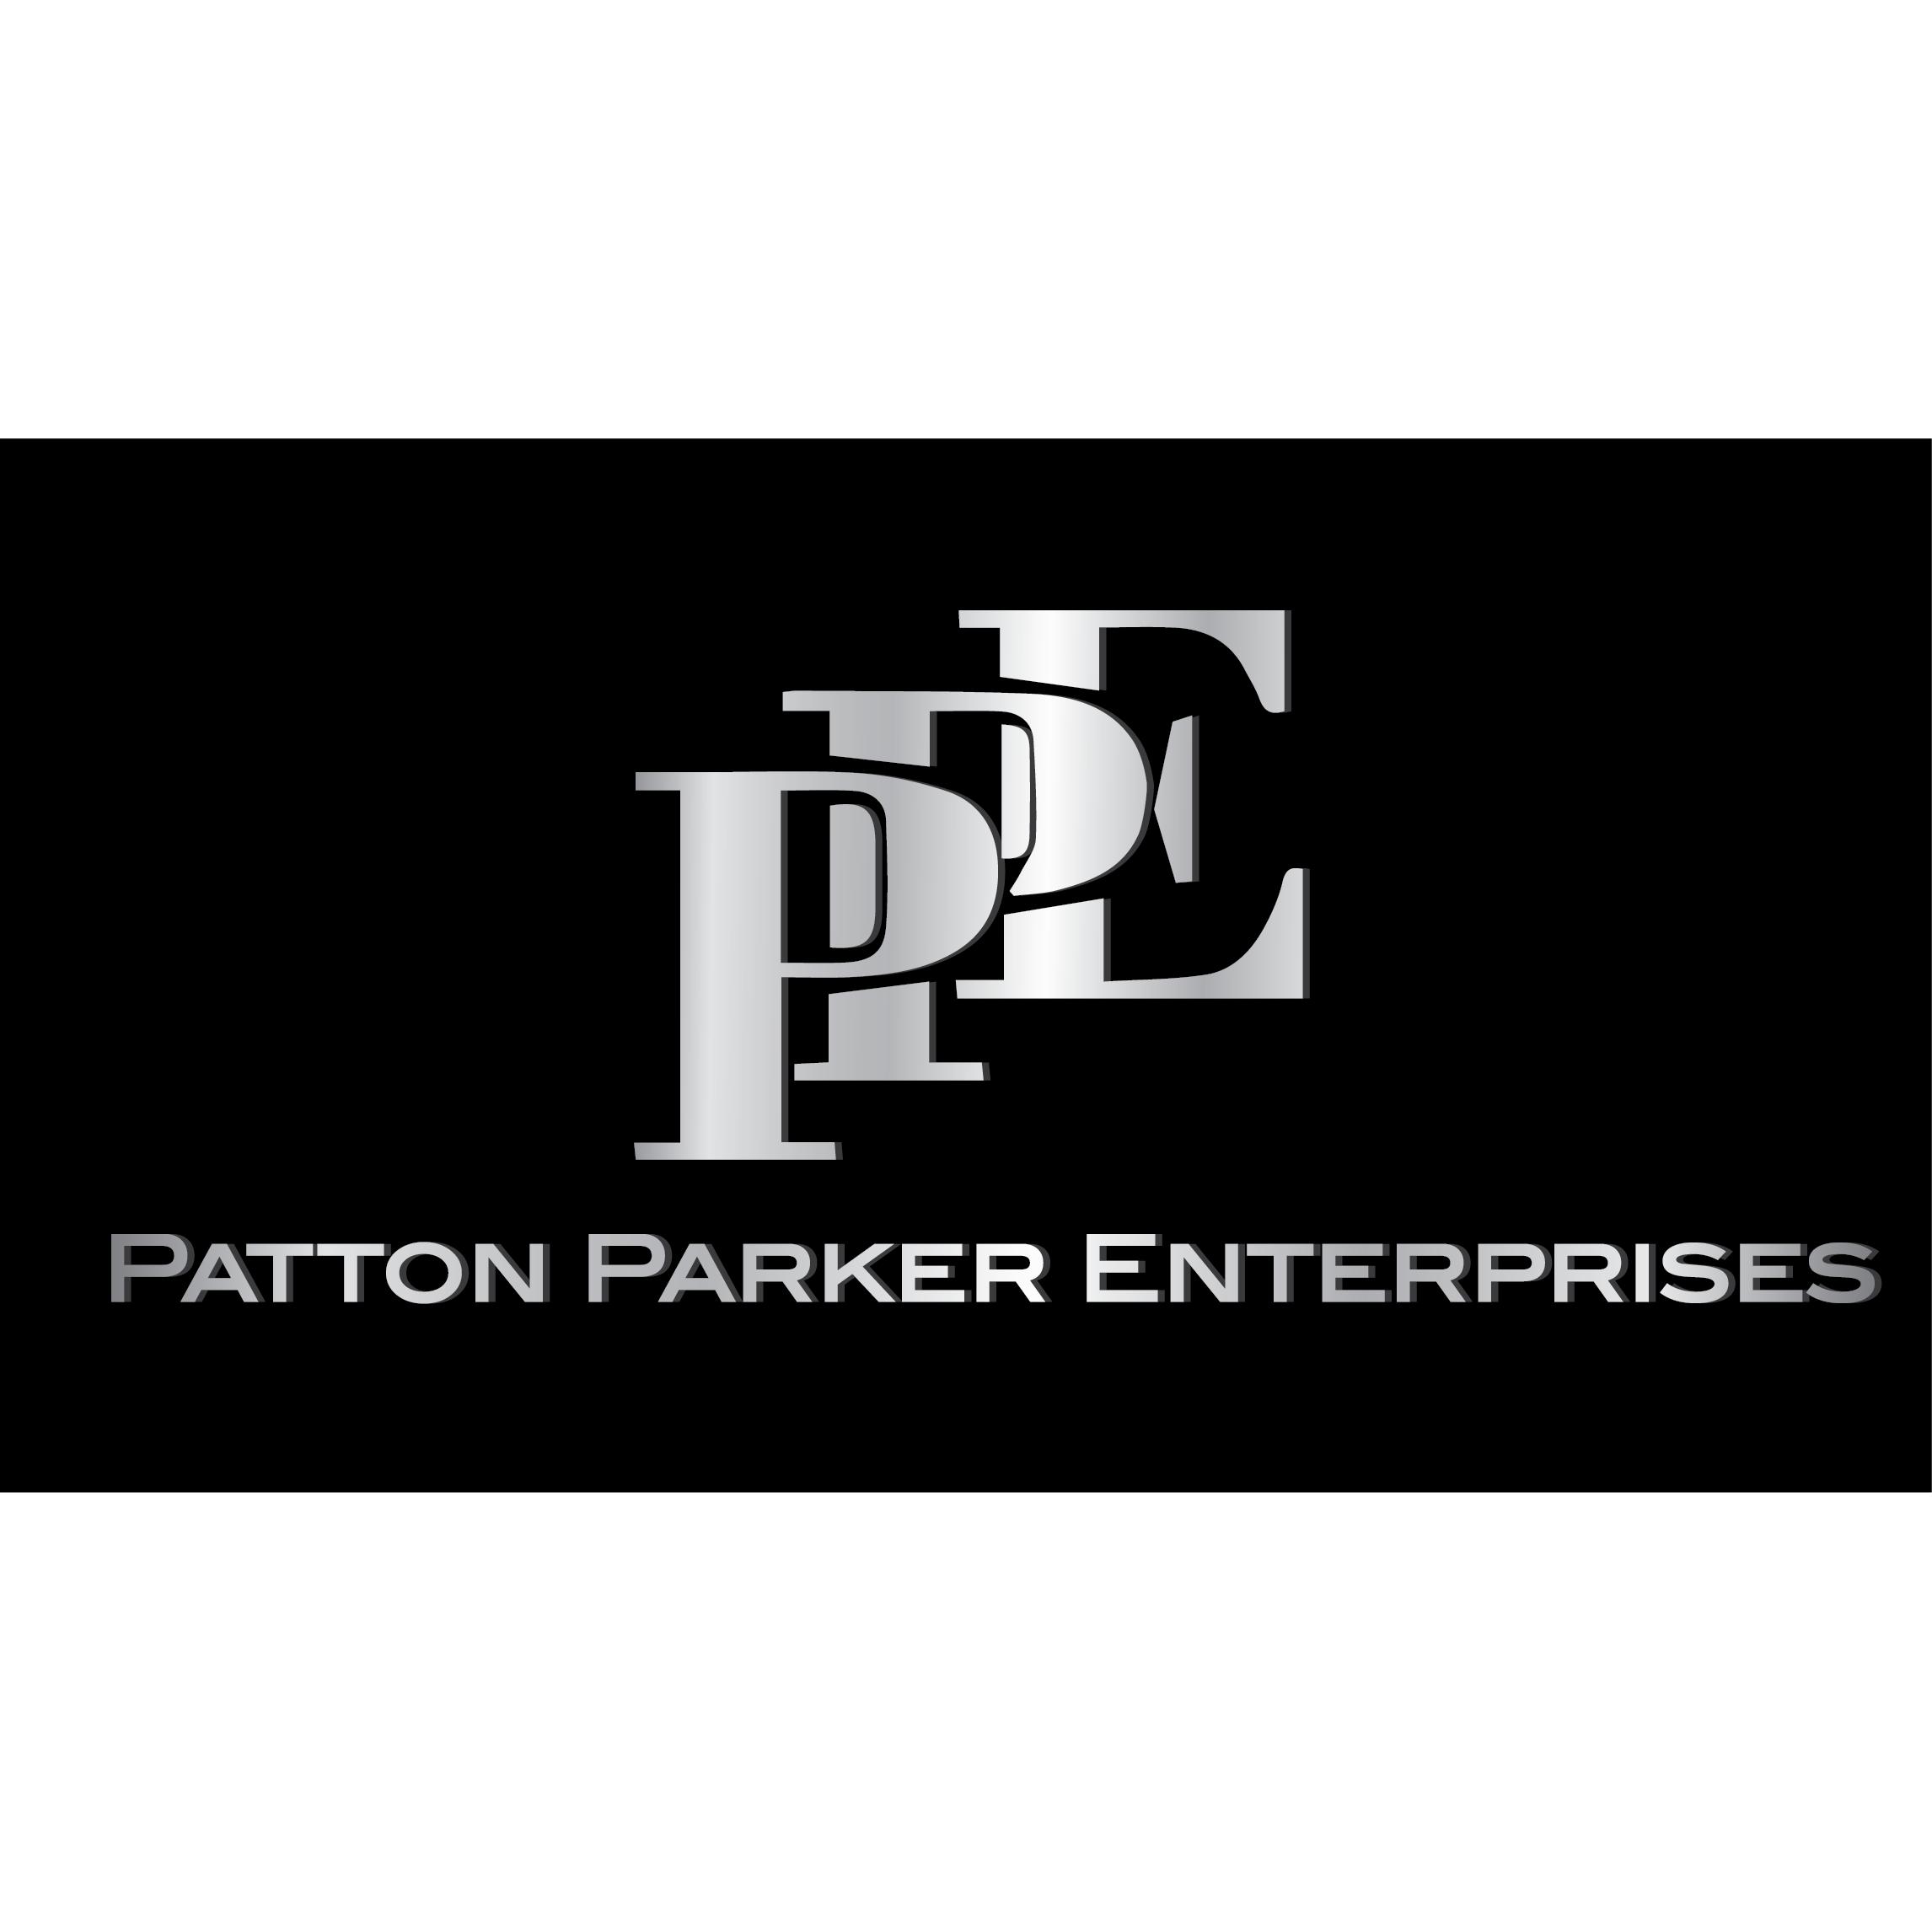 Patton Parker Enterprises LLC